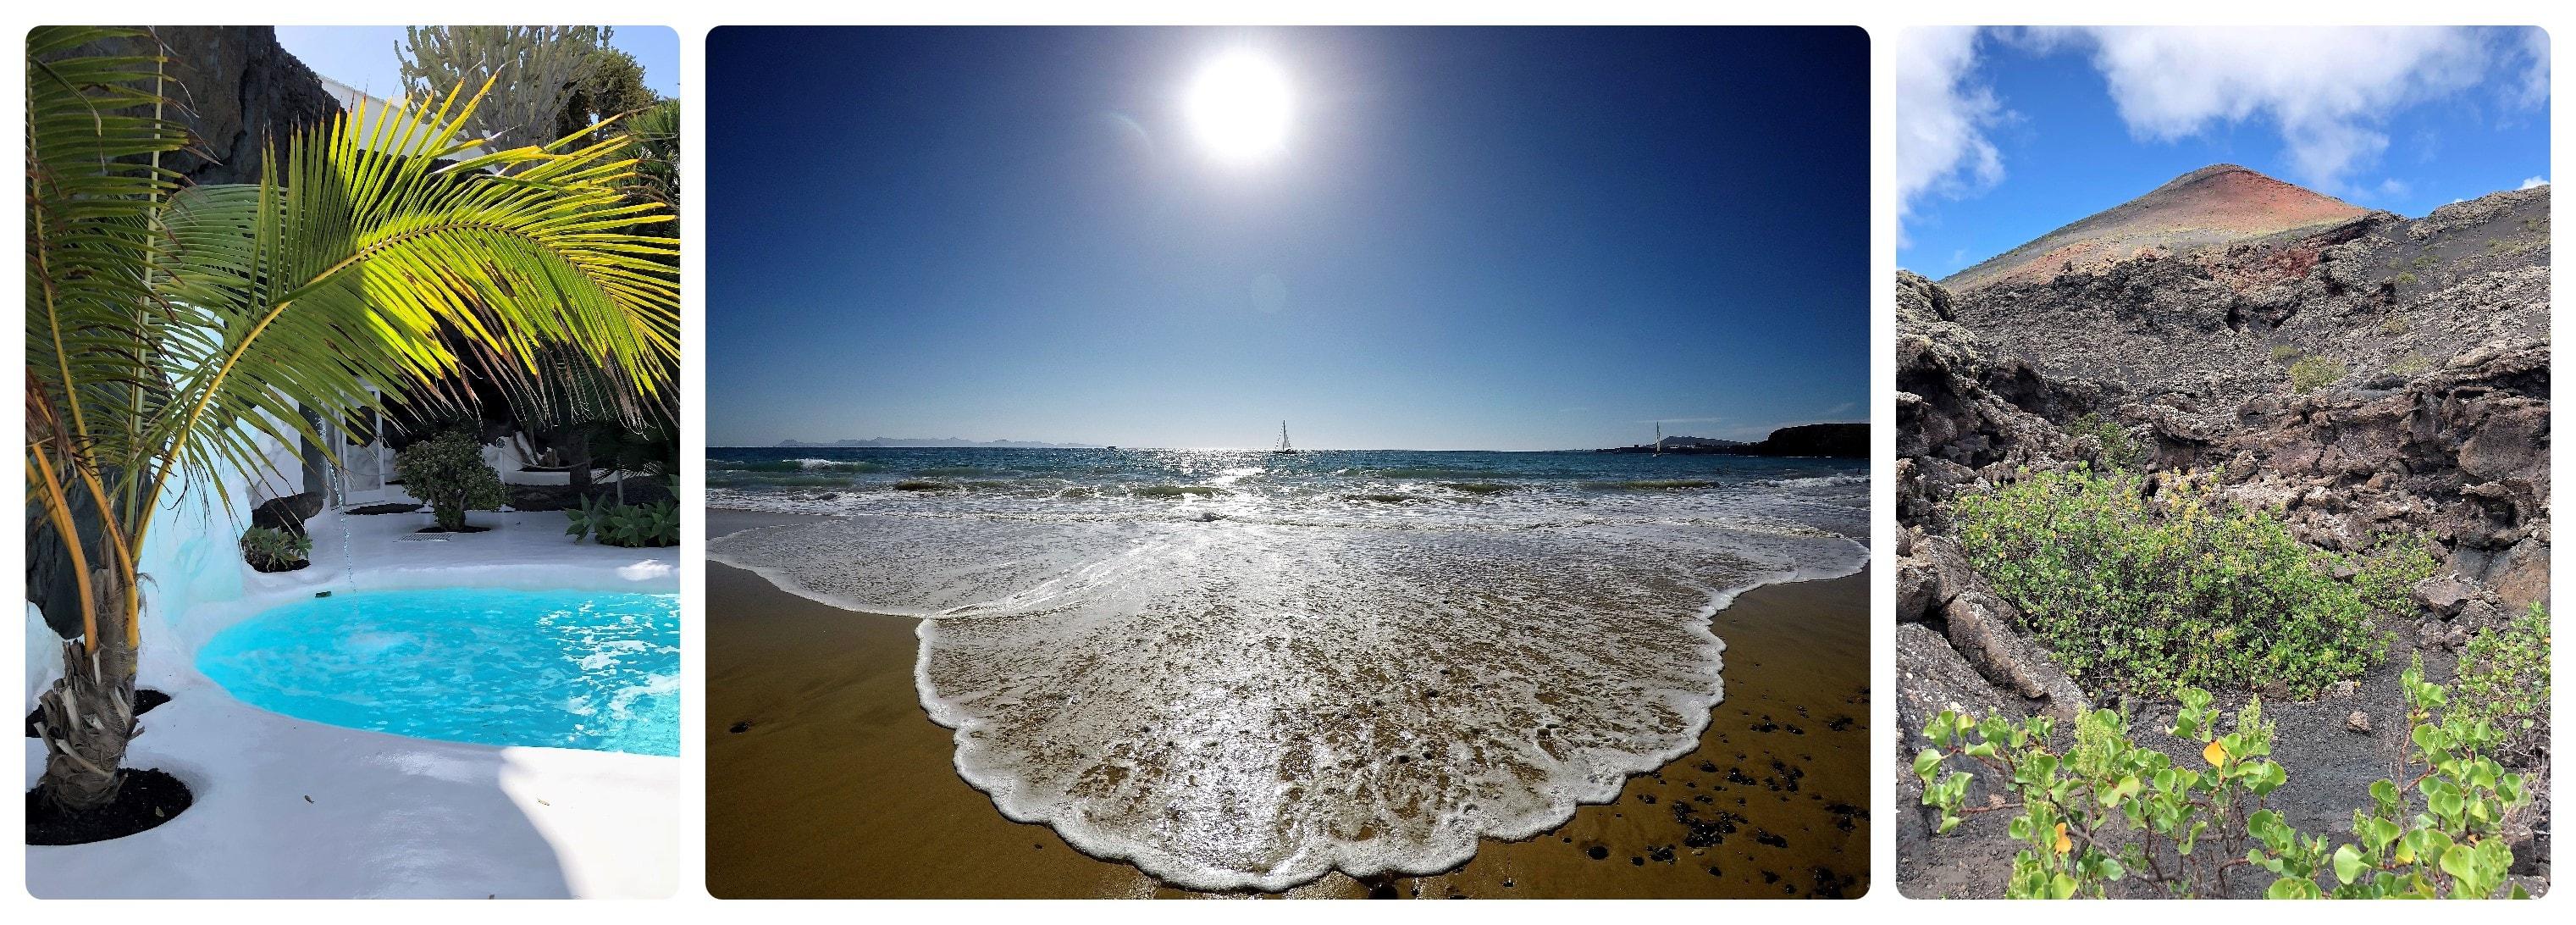 Warm und günstig im Winter - Lanzarote